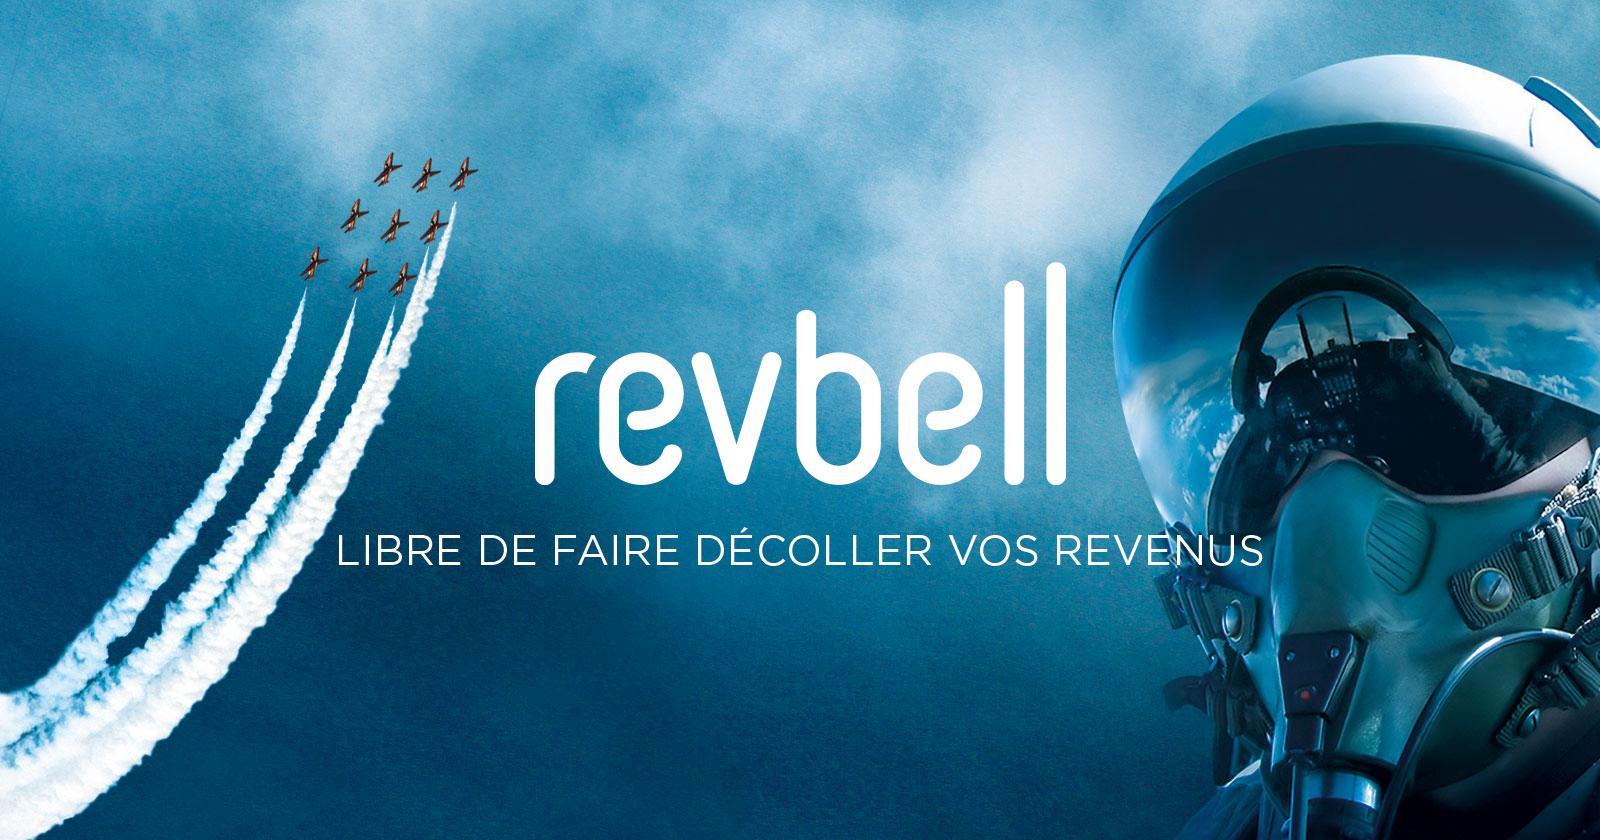 Avis Revbell par N&C : Un outil de pilotage Revenue Management unique - Appvizer